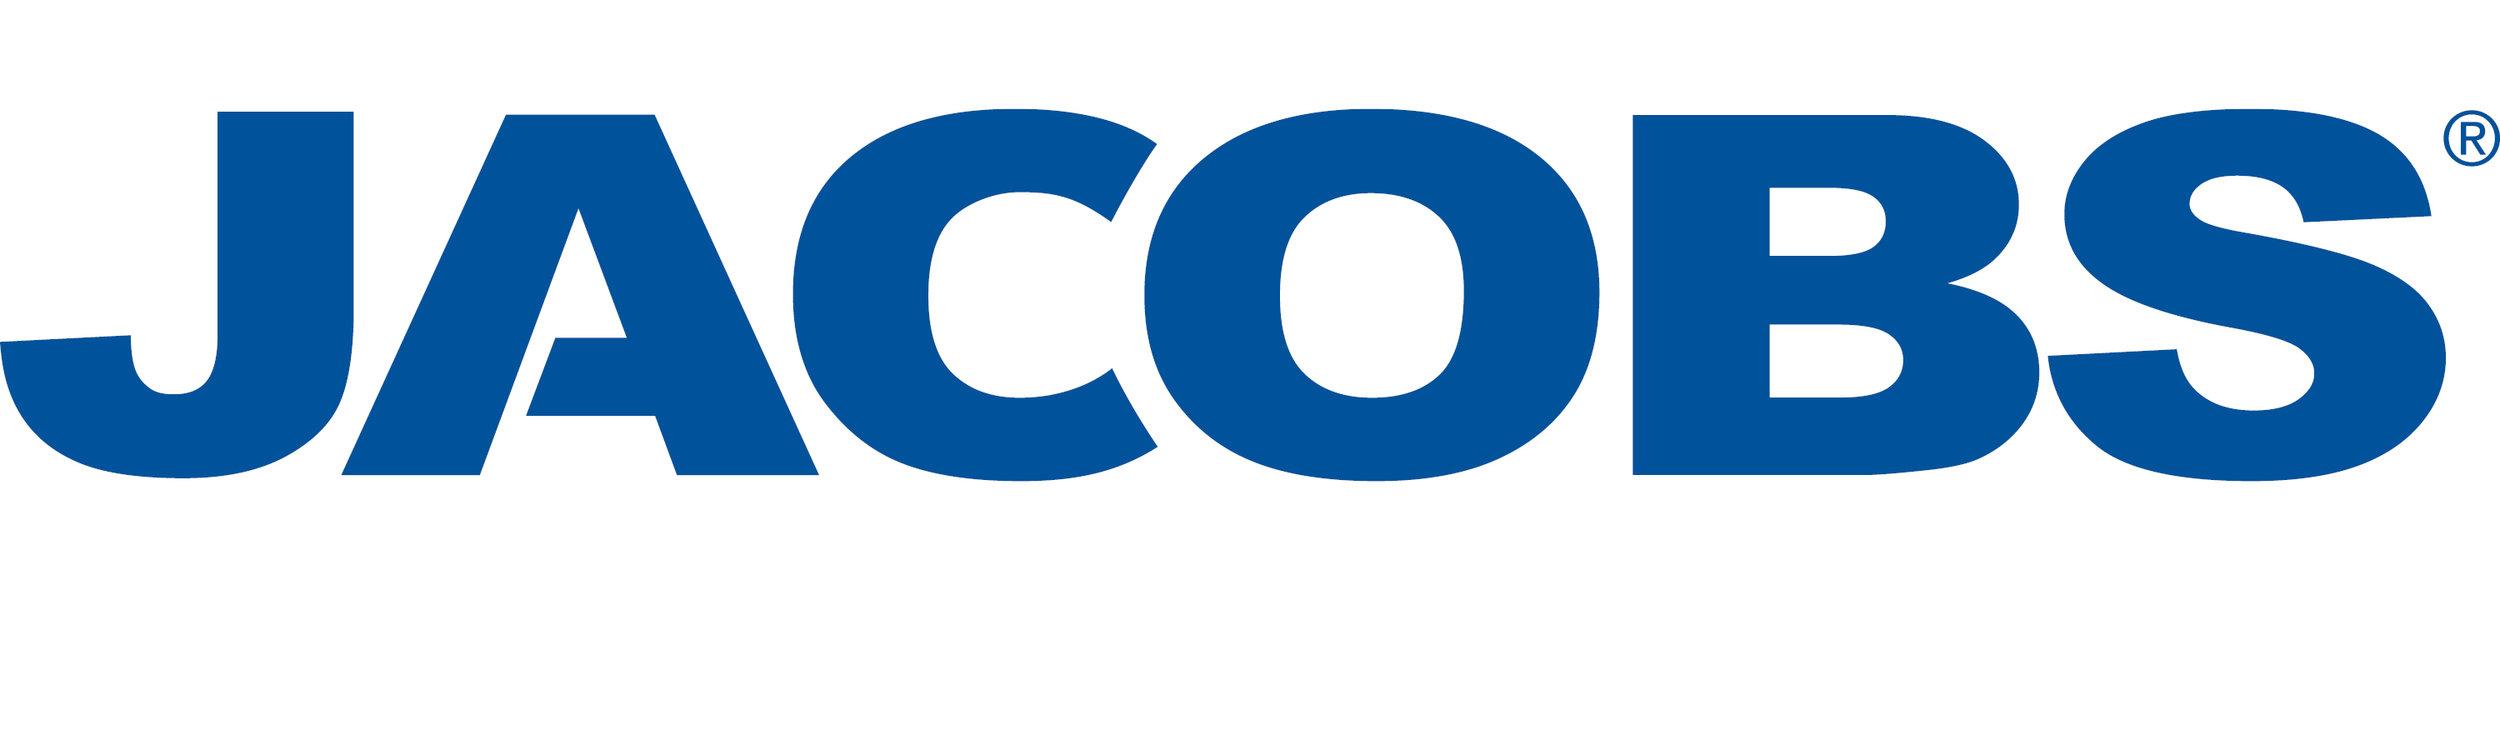 Jacobs-Engineering-Group.jpg